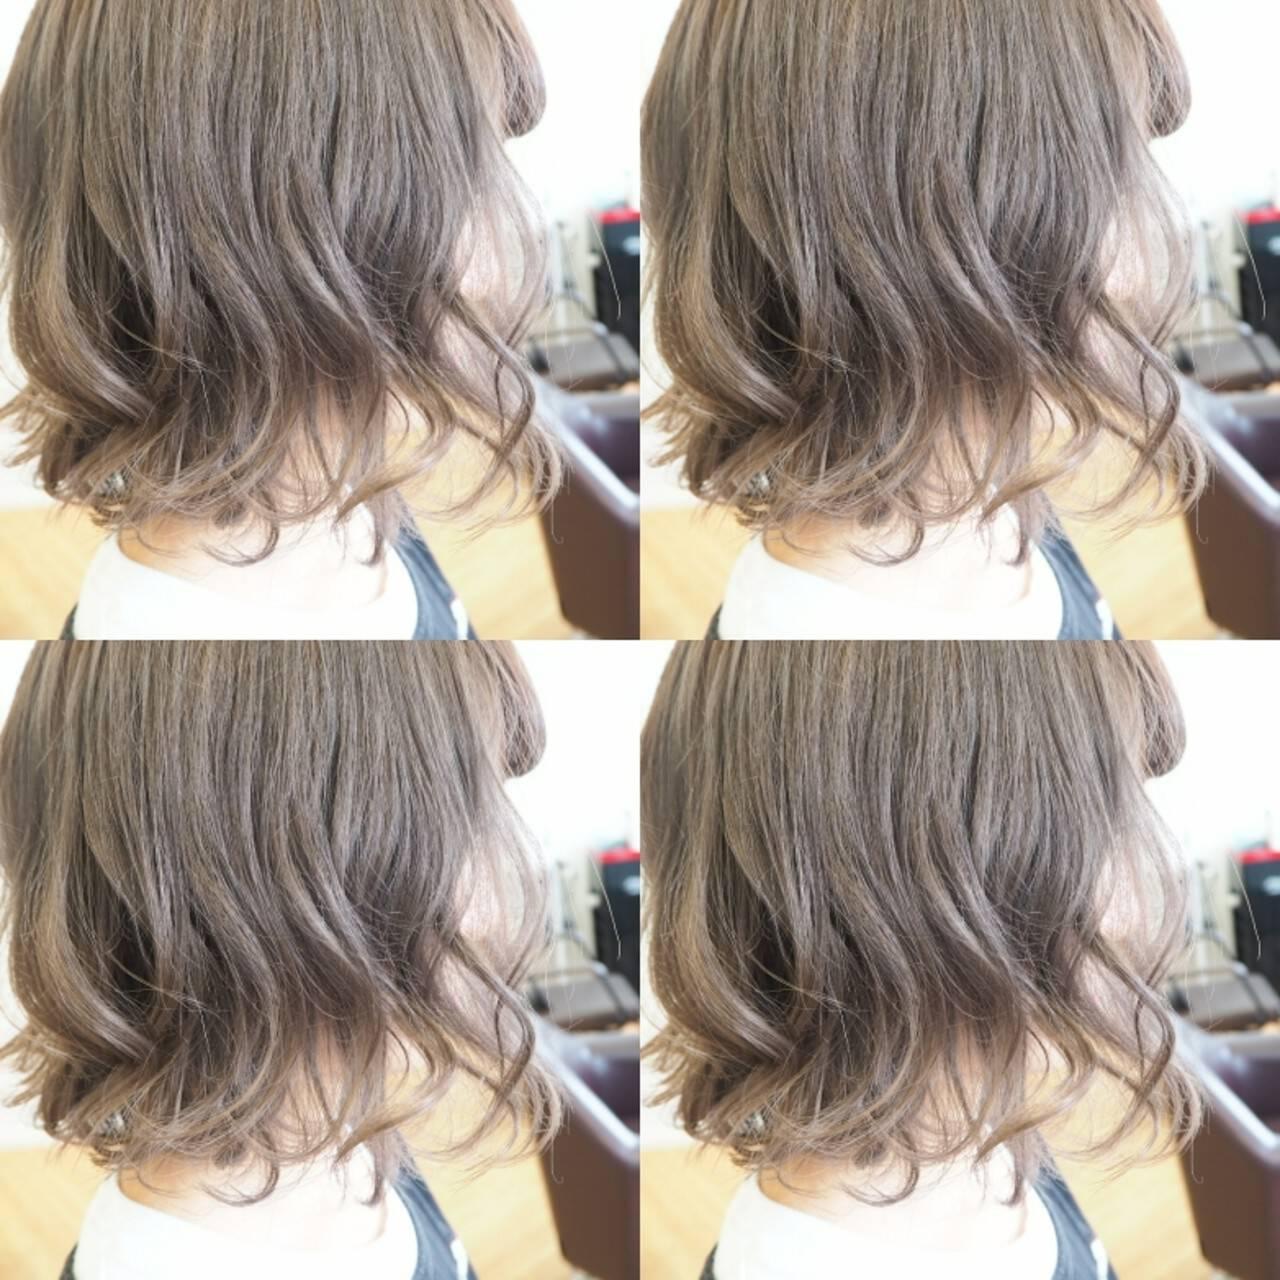 アッシュグレージュ ボブ ウェーブ アンニュイヘアスタイルや髪型の写真・画像